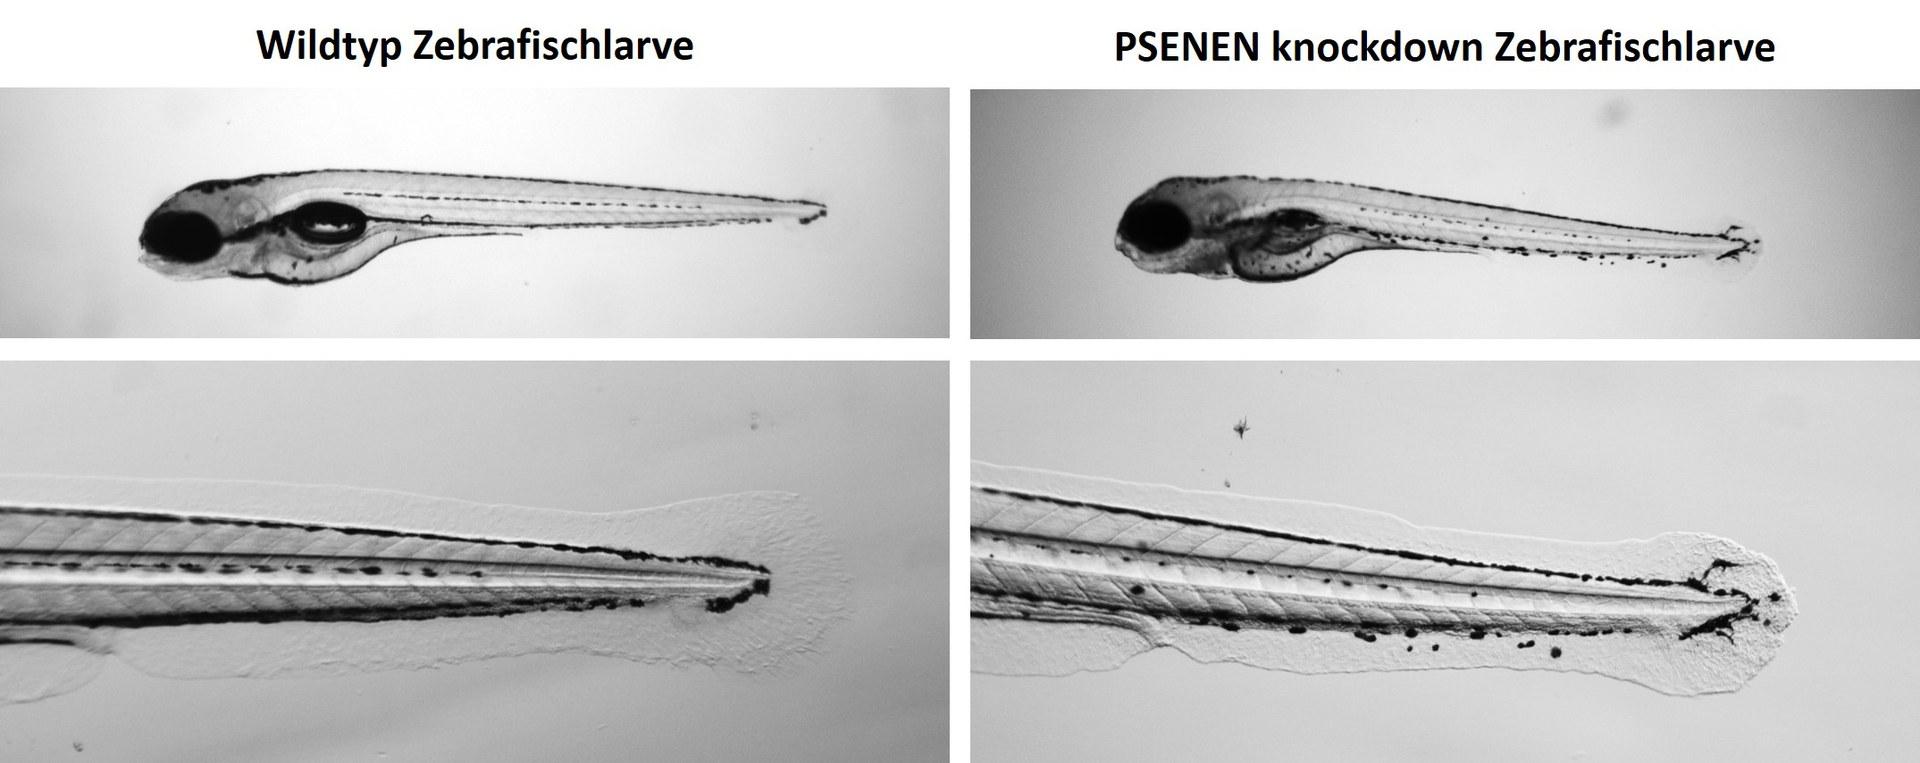 Microscopic image of zebrafish larvae: